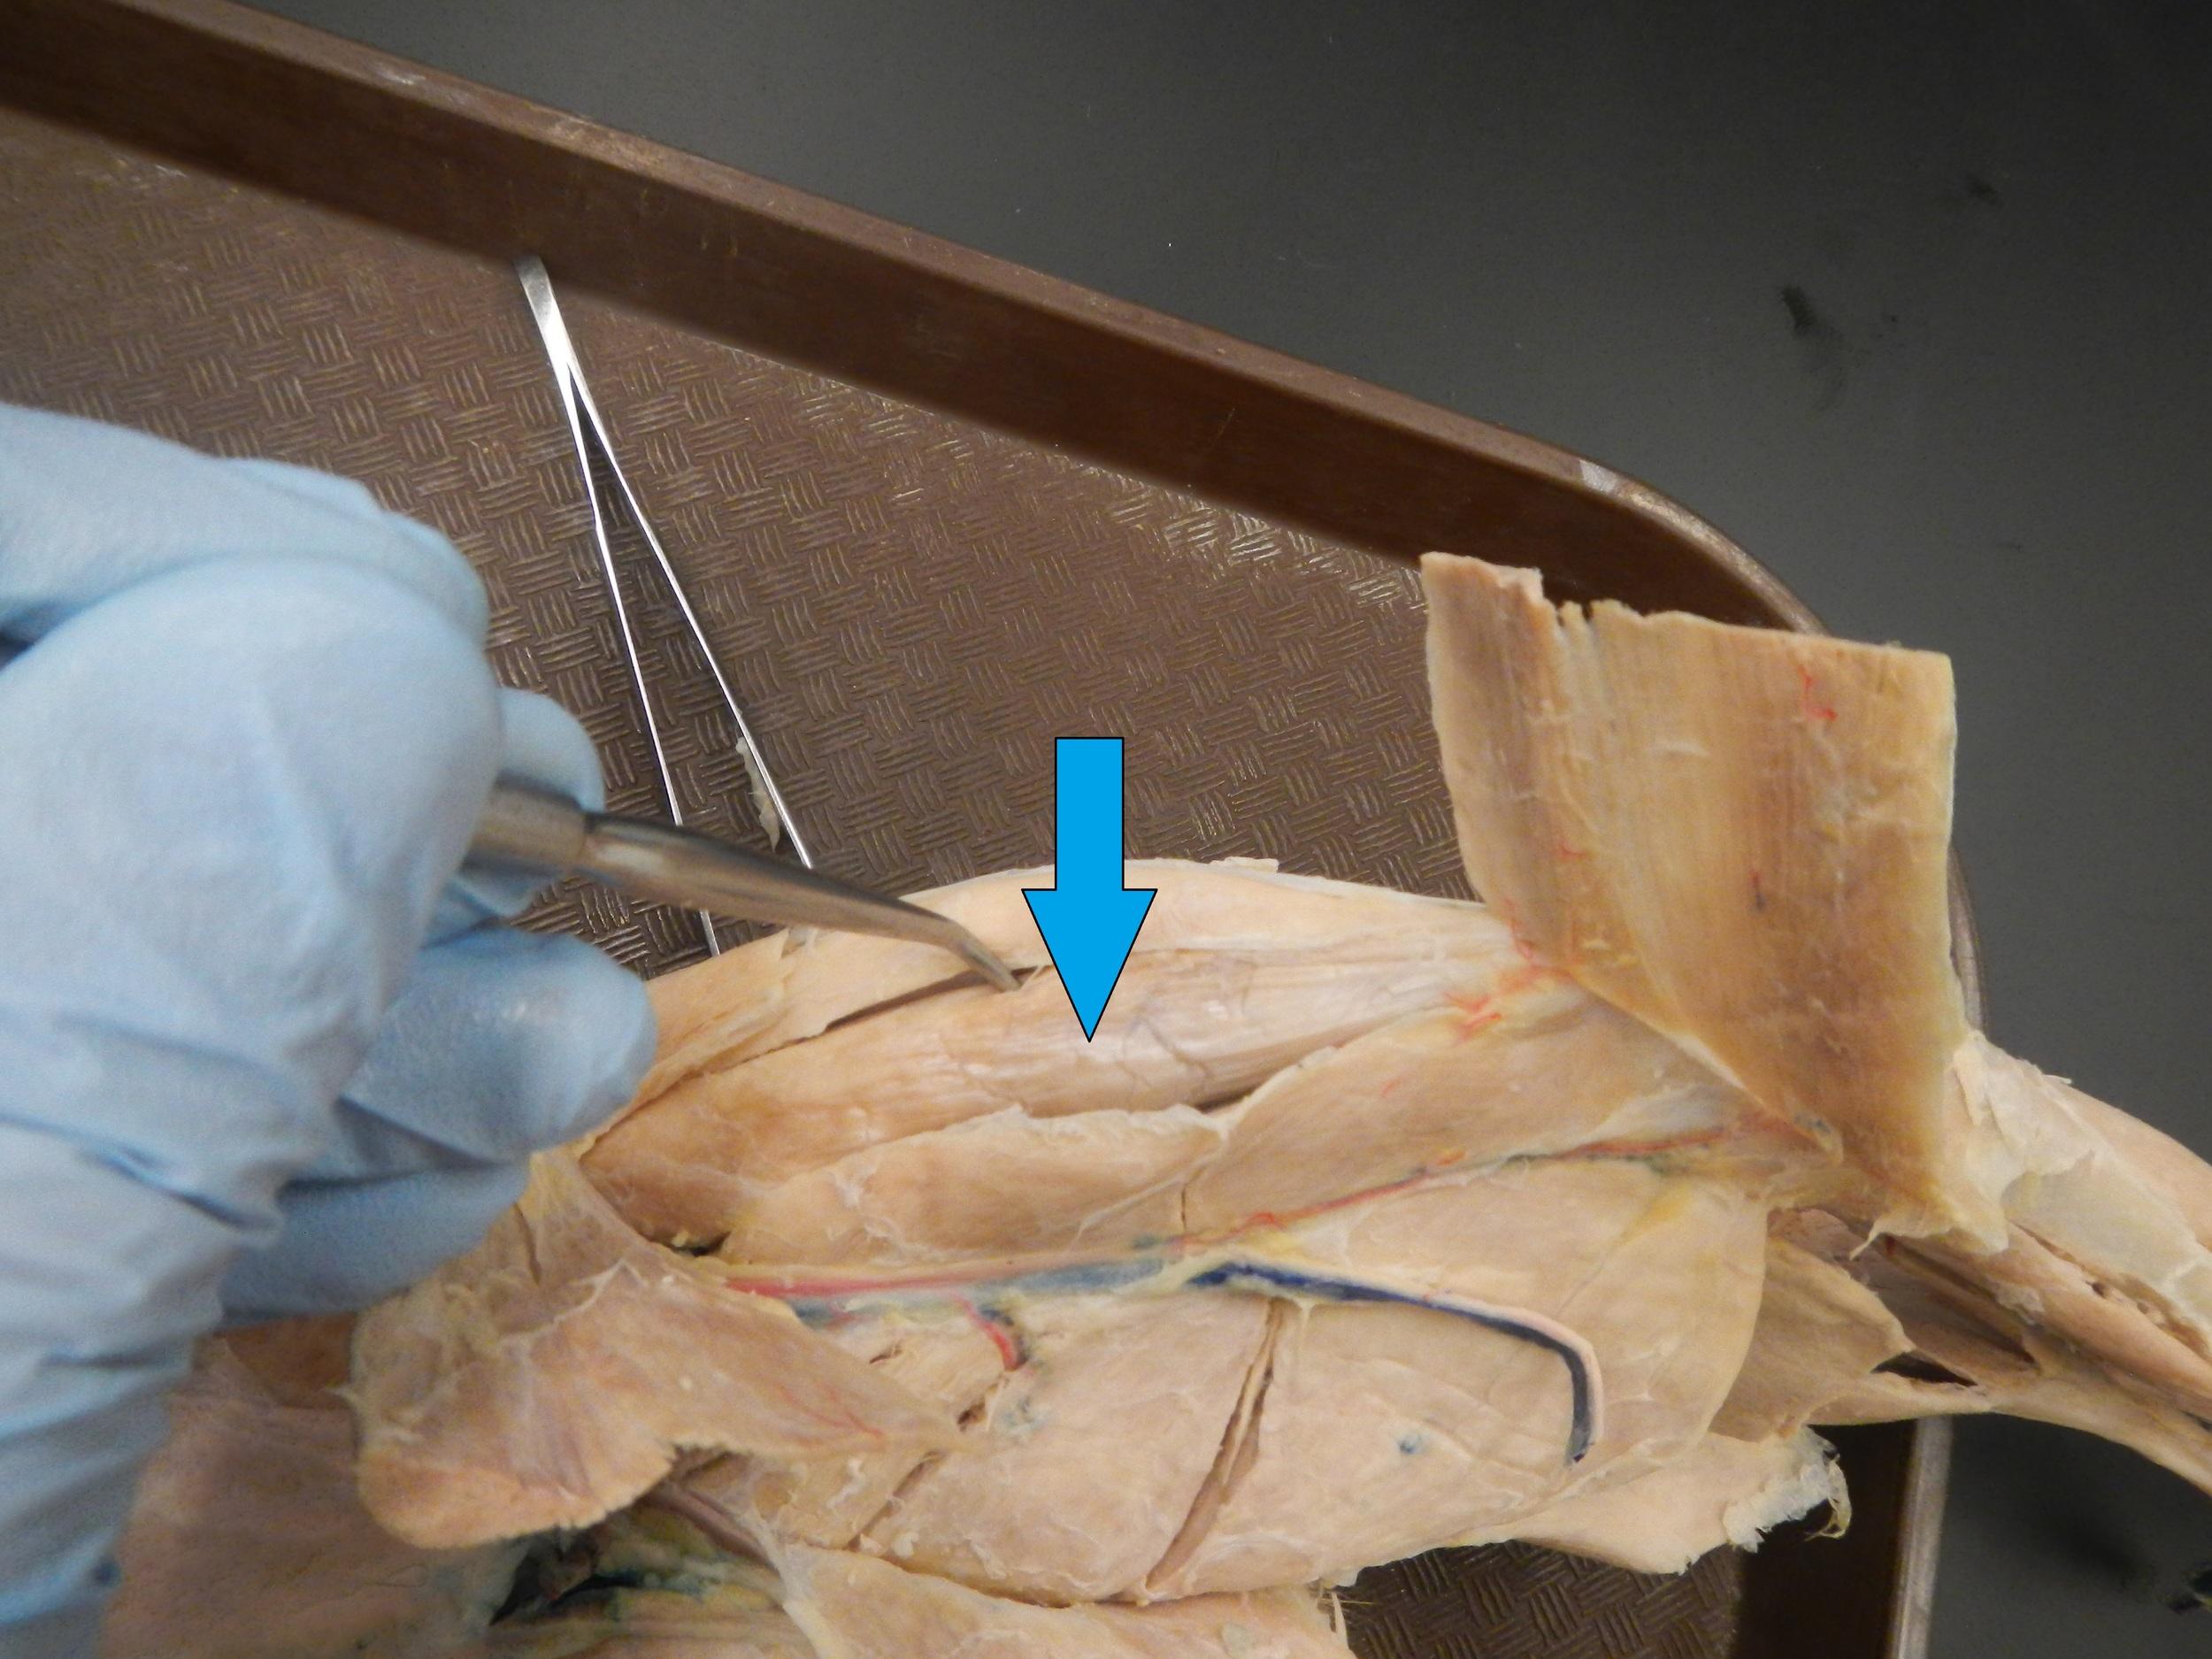 Rectus Femoris   O - Anterior inferior iliac spine  I - Patella via quadriceps tendon, then tibial tuberosity via patellar tendon  F - Flexion of hip and knee extension